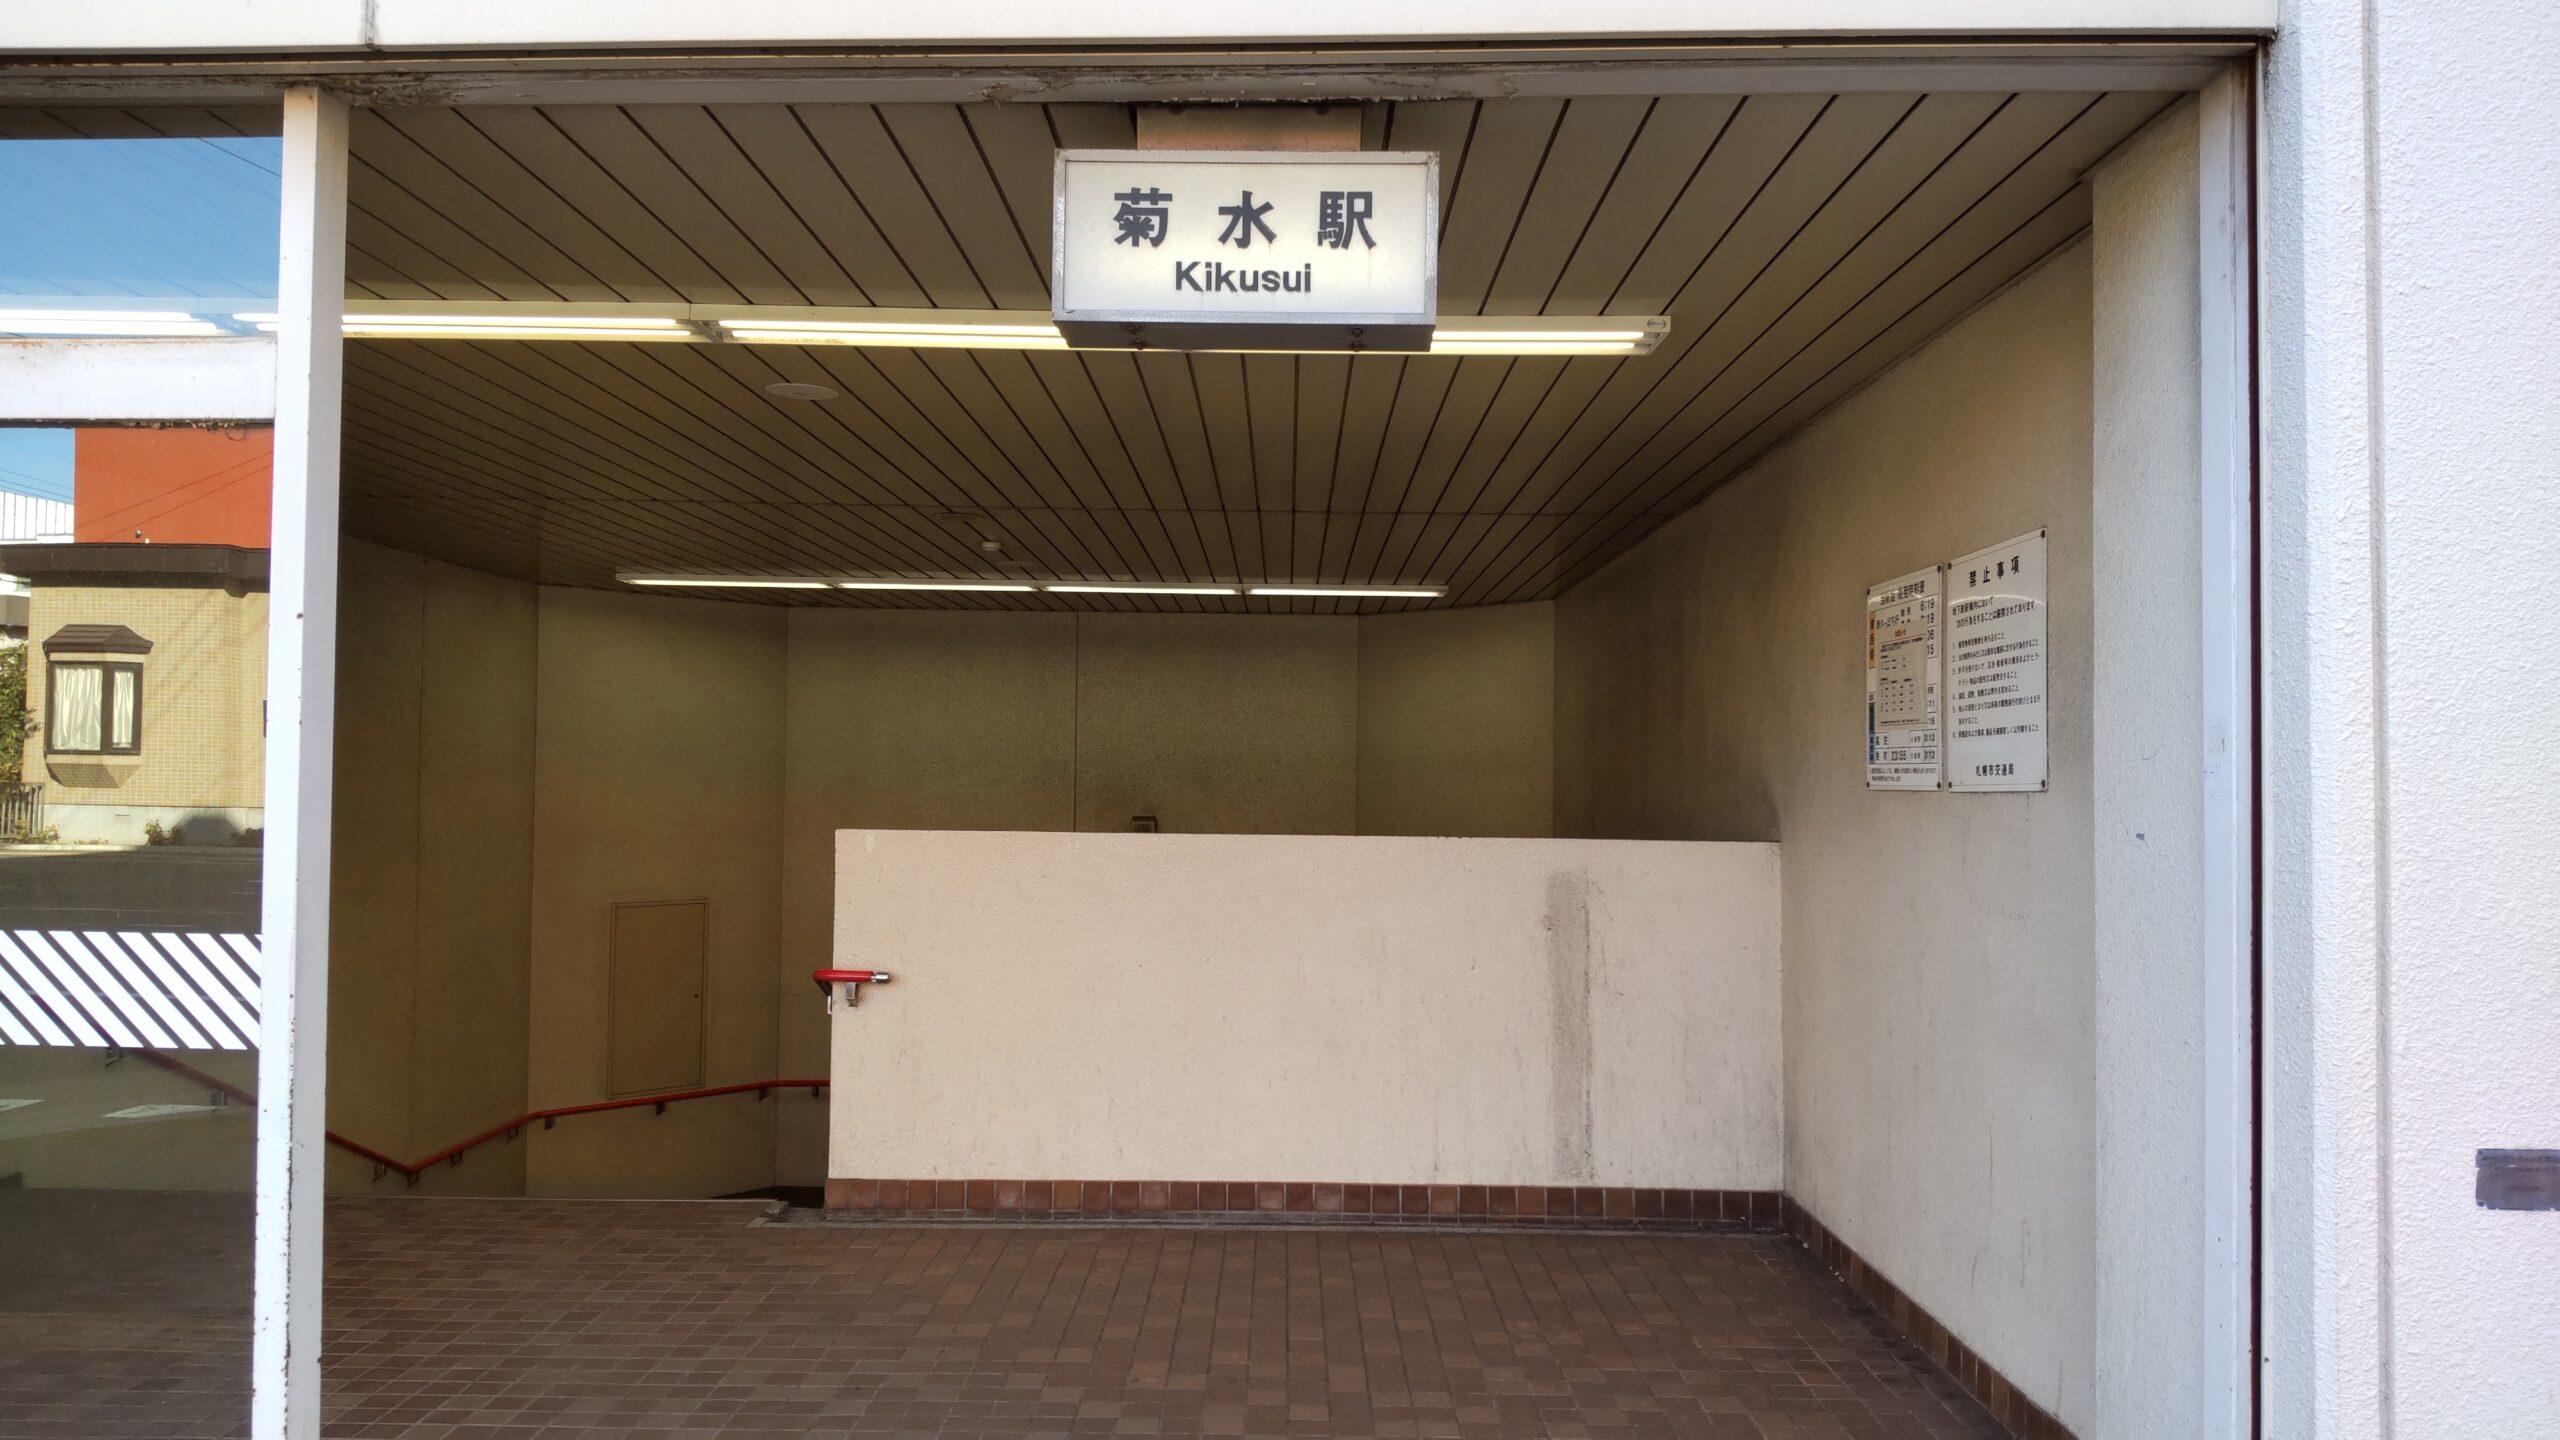 札幌市営地下鉄東西線「菊水駅」